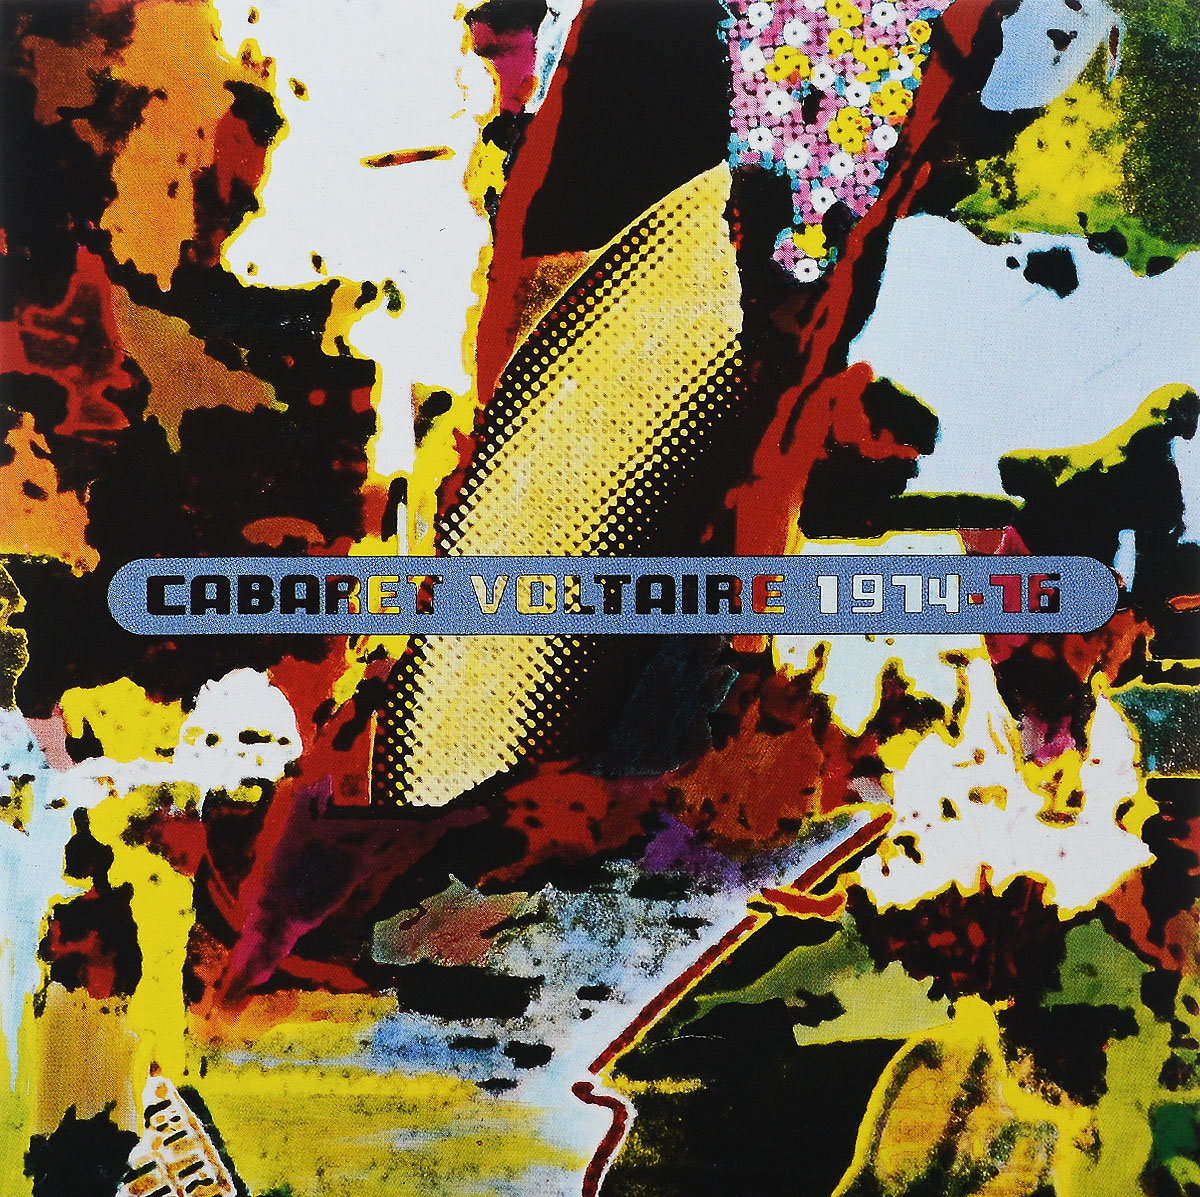 Cabaret Voltaire Cabaret Voltaire. 1974-76